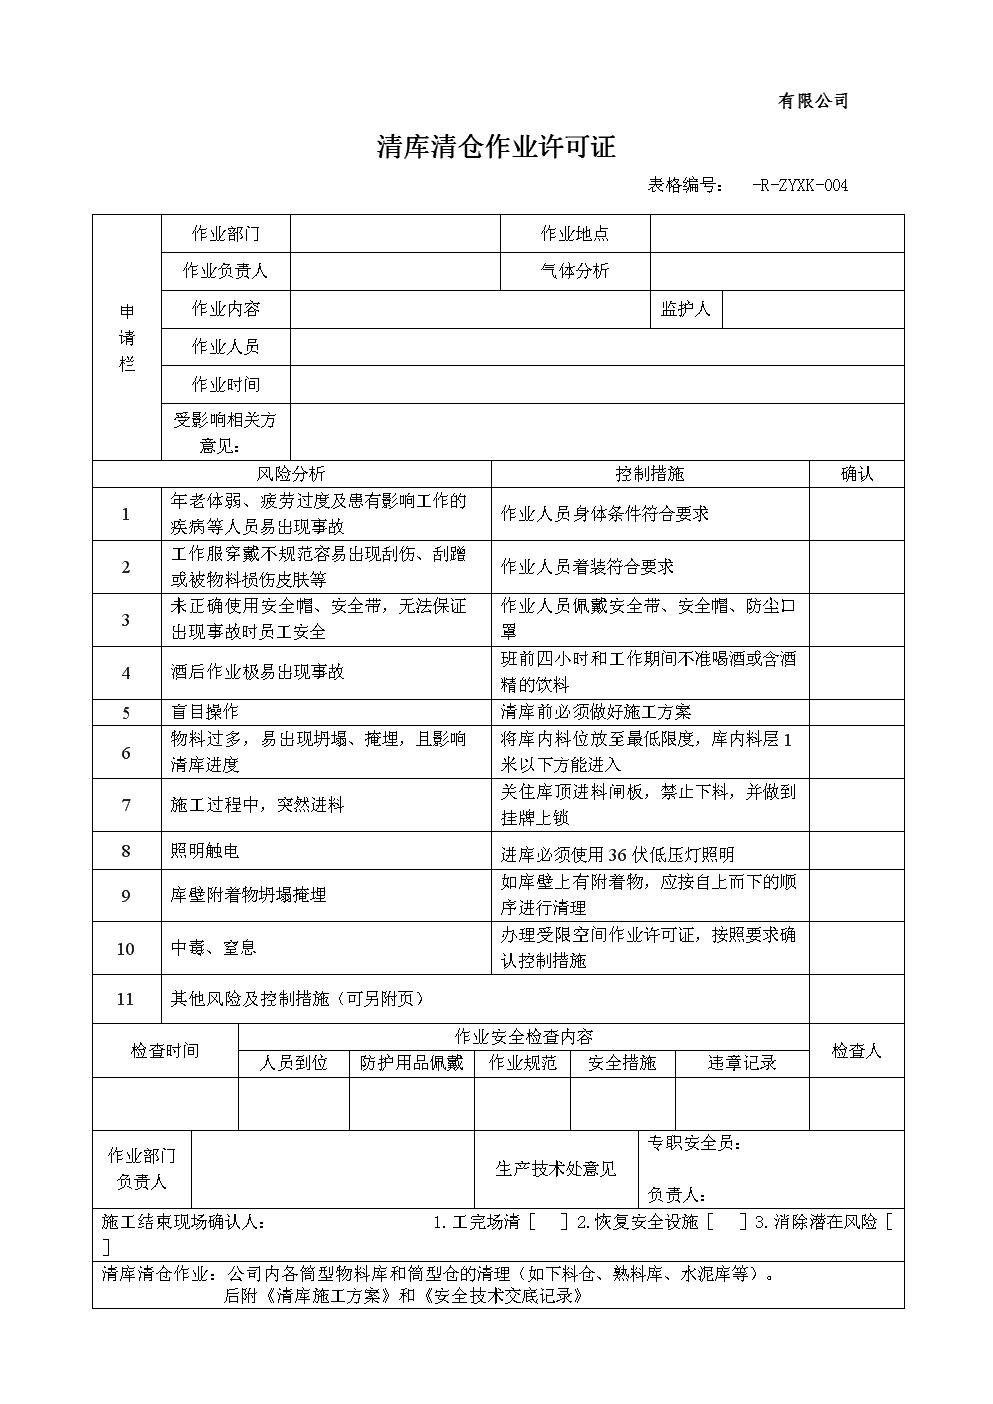 4清库清仓作业许可证.doc